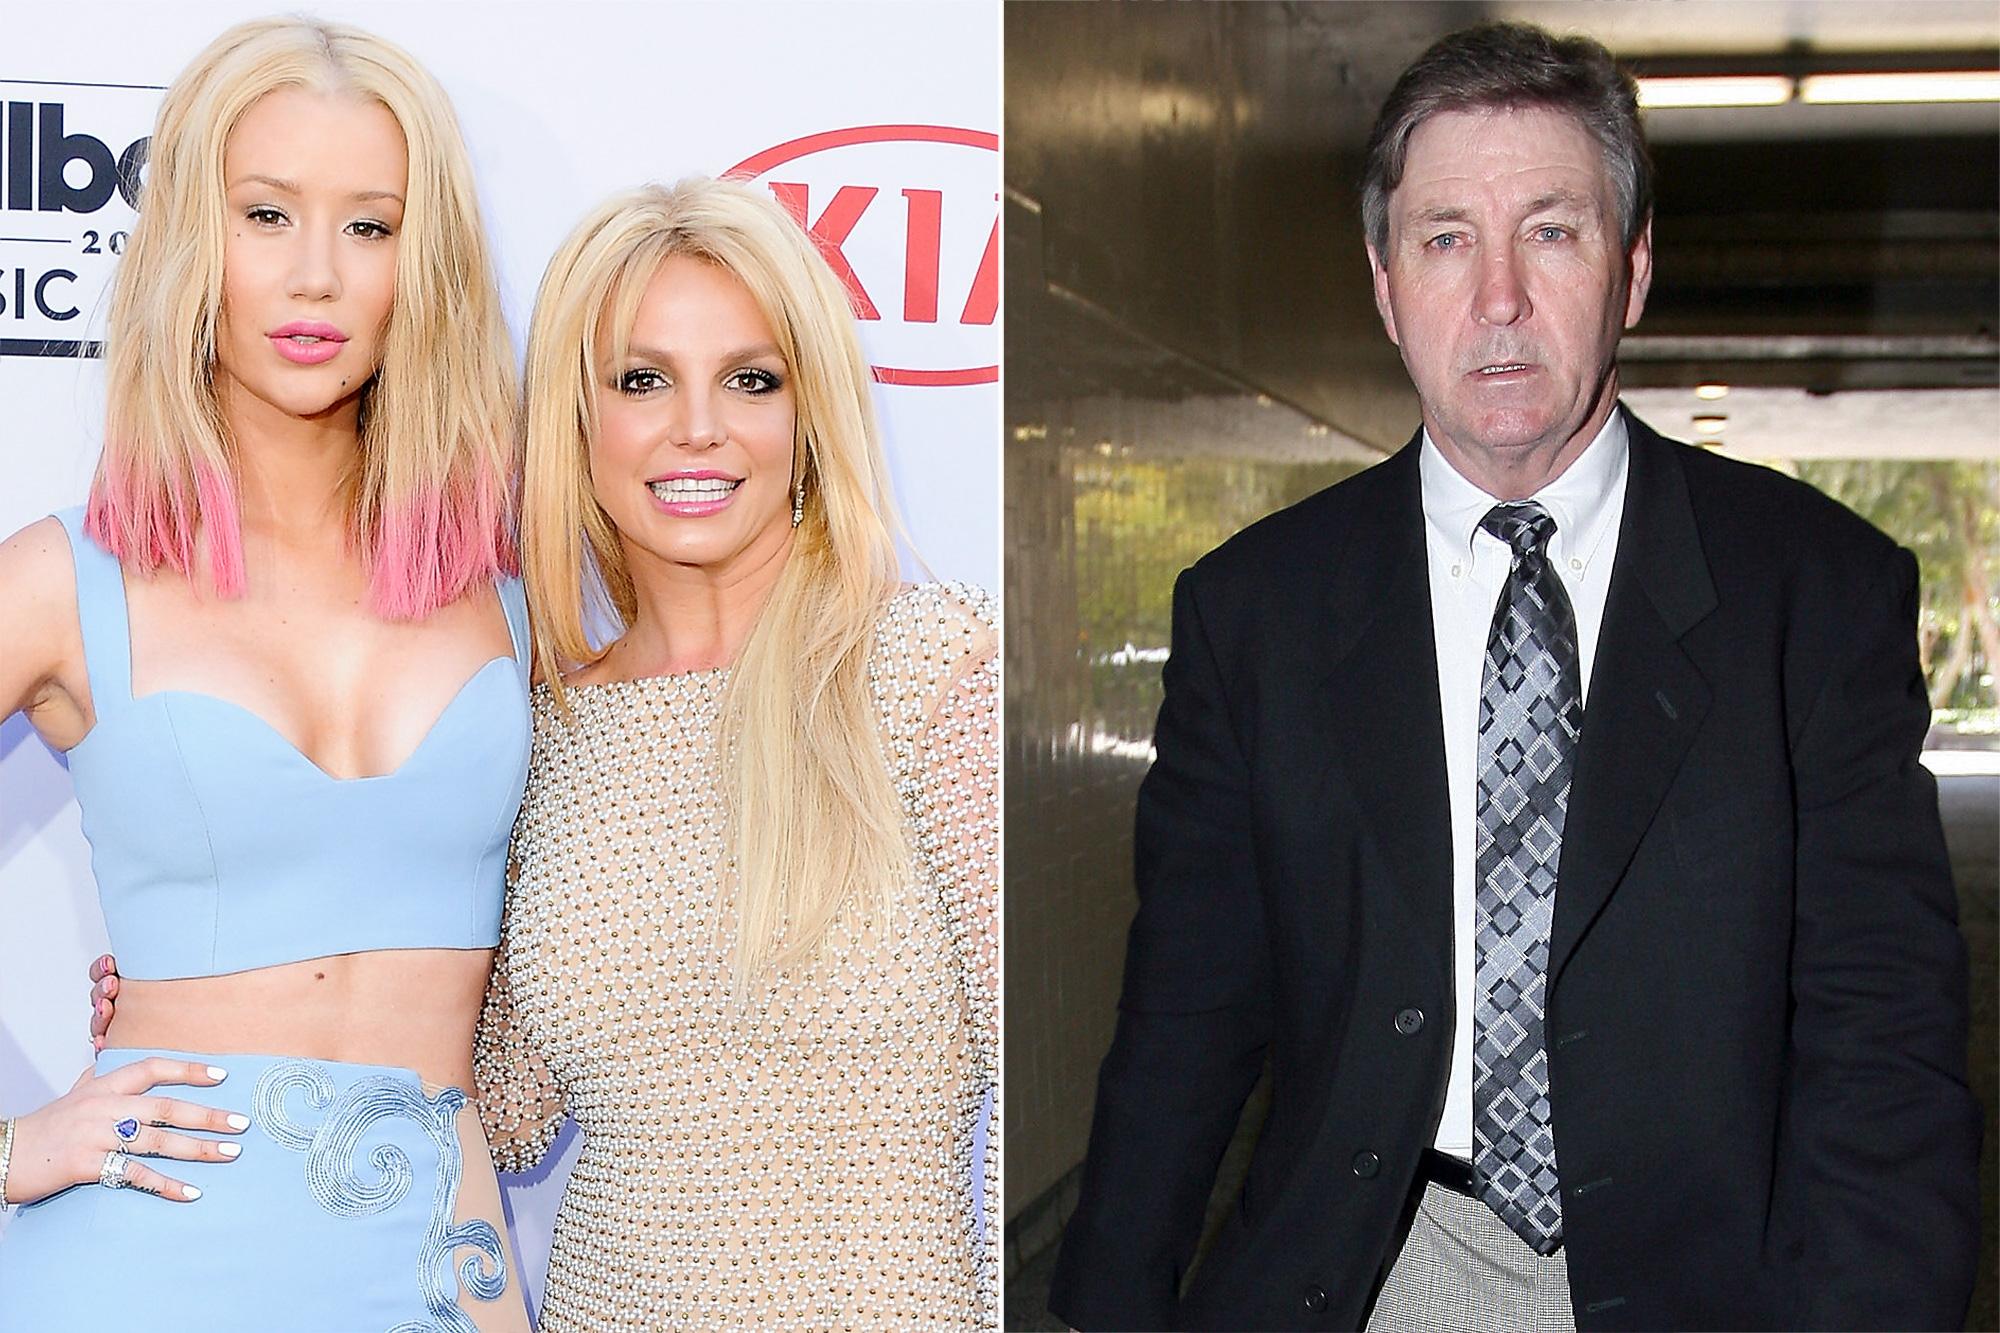 Iggy Azalea and Britney Spears, Jamie Spears